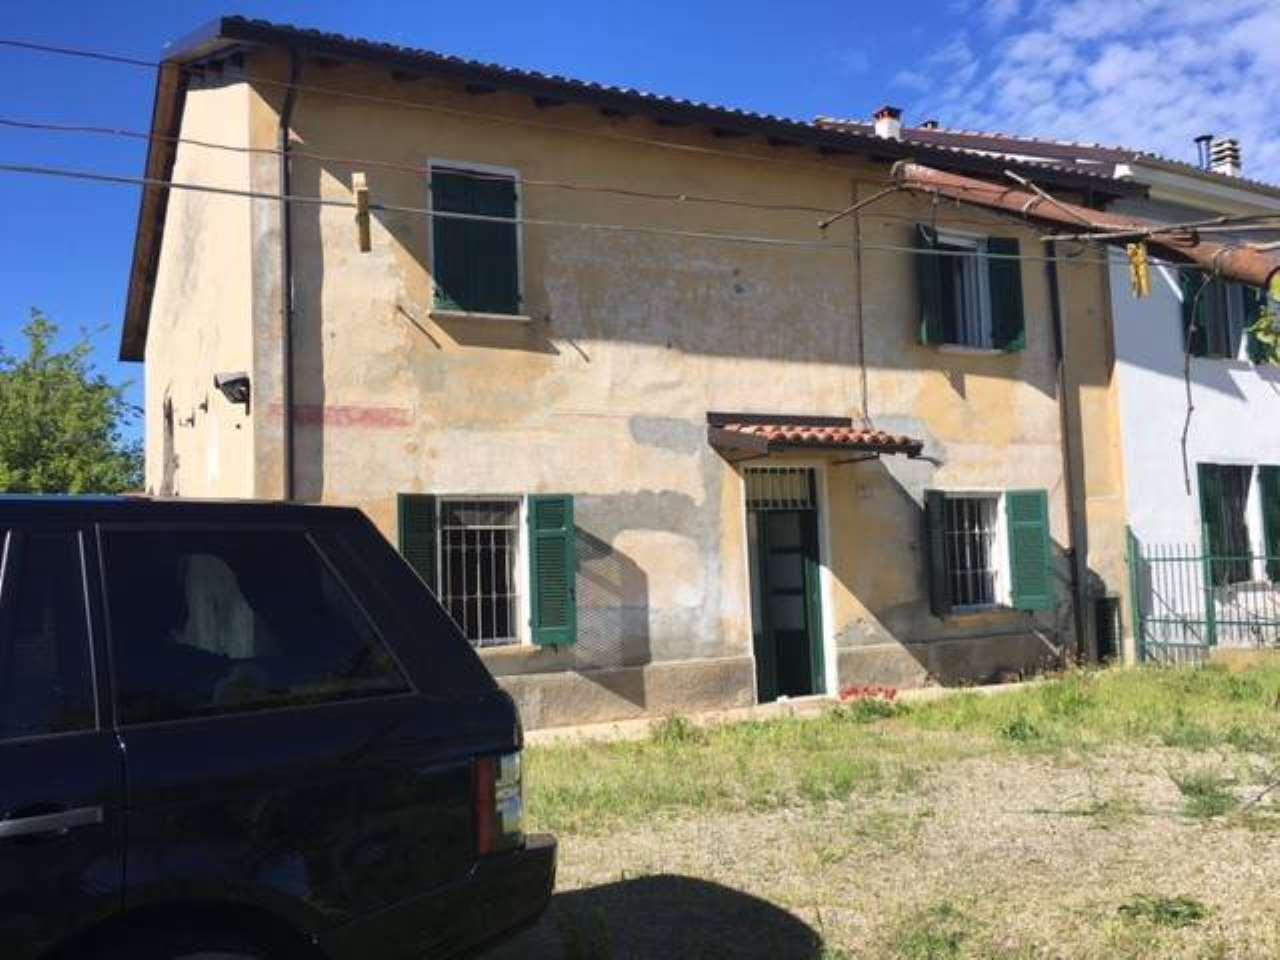 Rustico / Casale in vendita a Alessandria, 4 locali, prezzo € 89.000 | CambioCasa.it